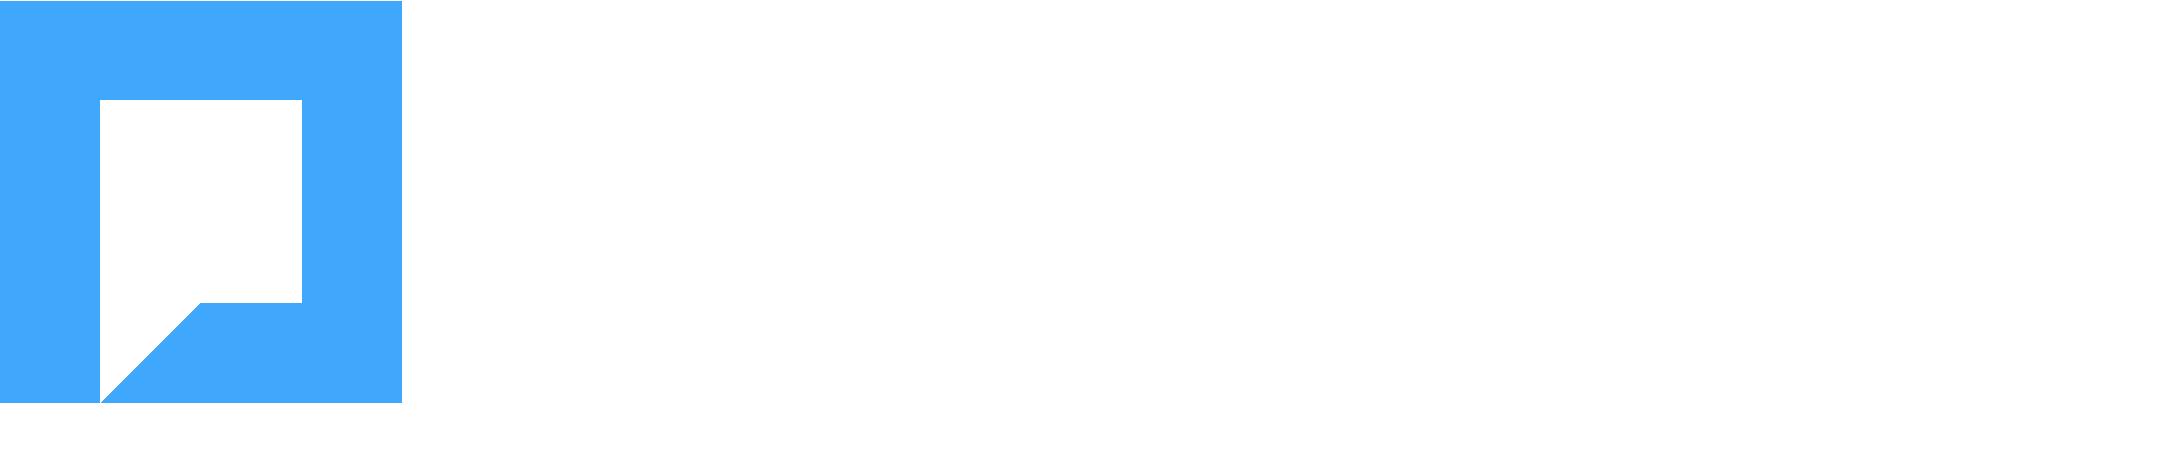 Placepen